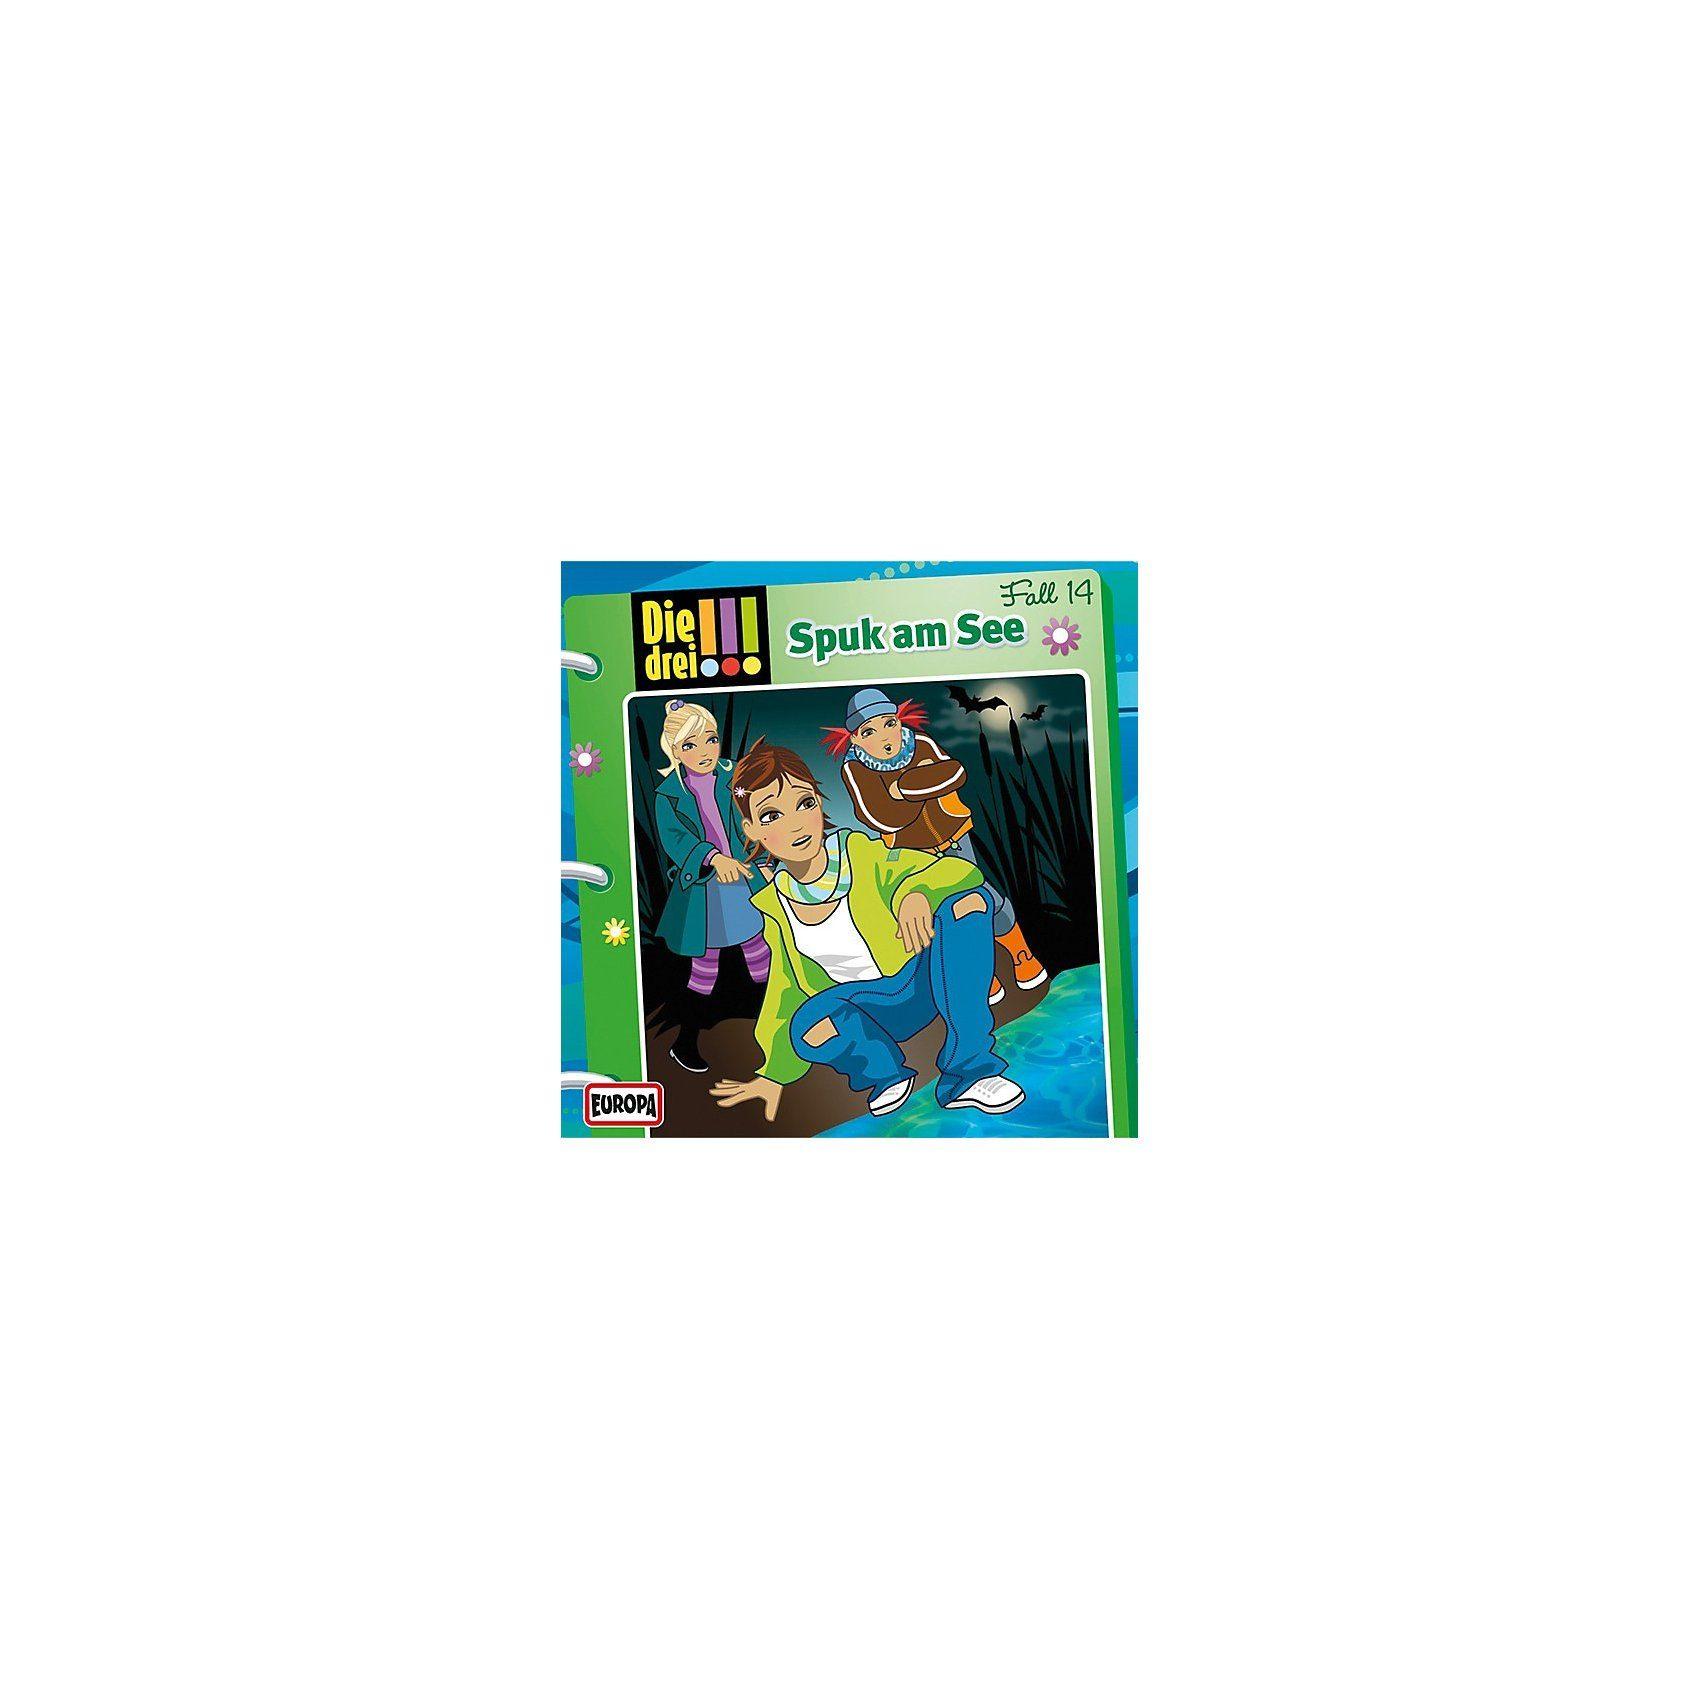 Sony CD Die Drei !!! 14 - Spuk am See